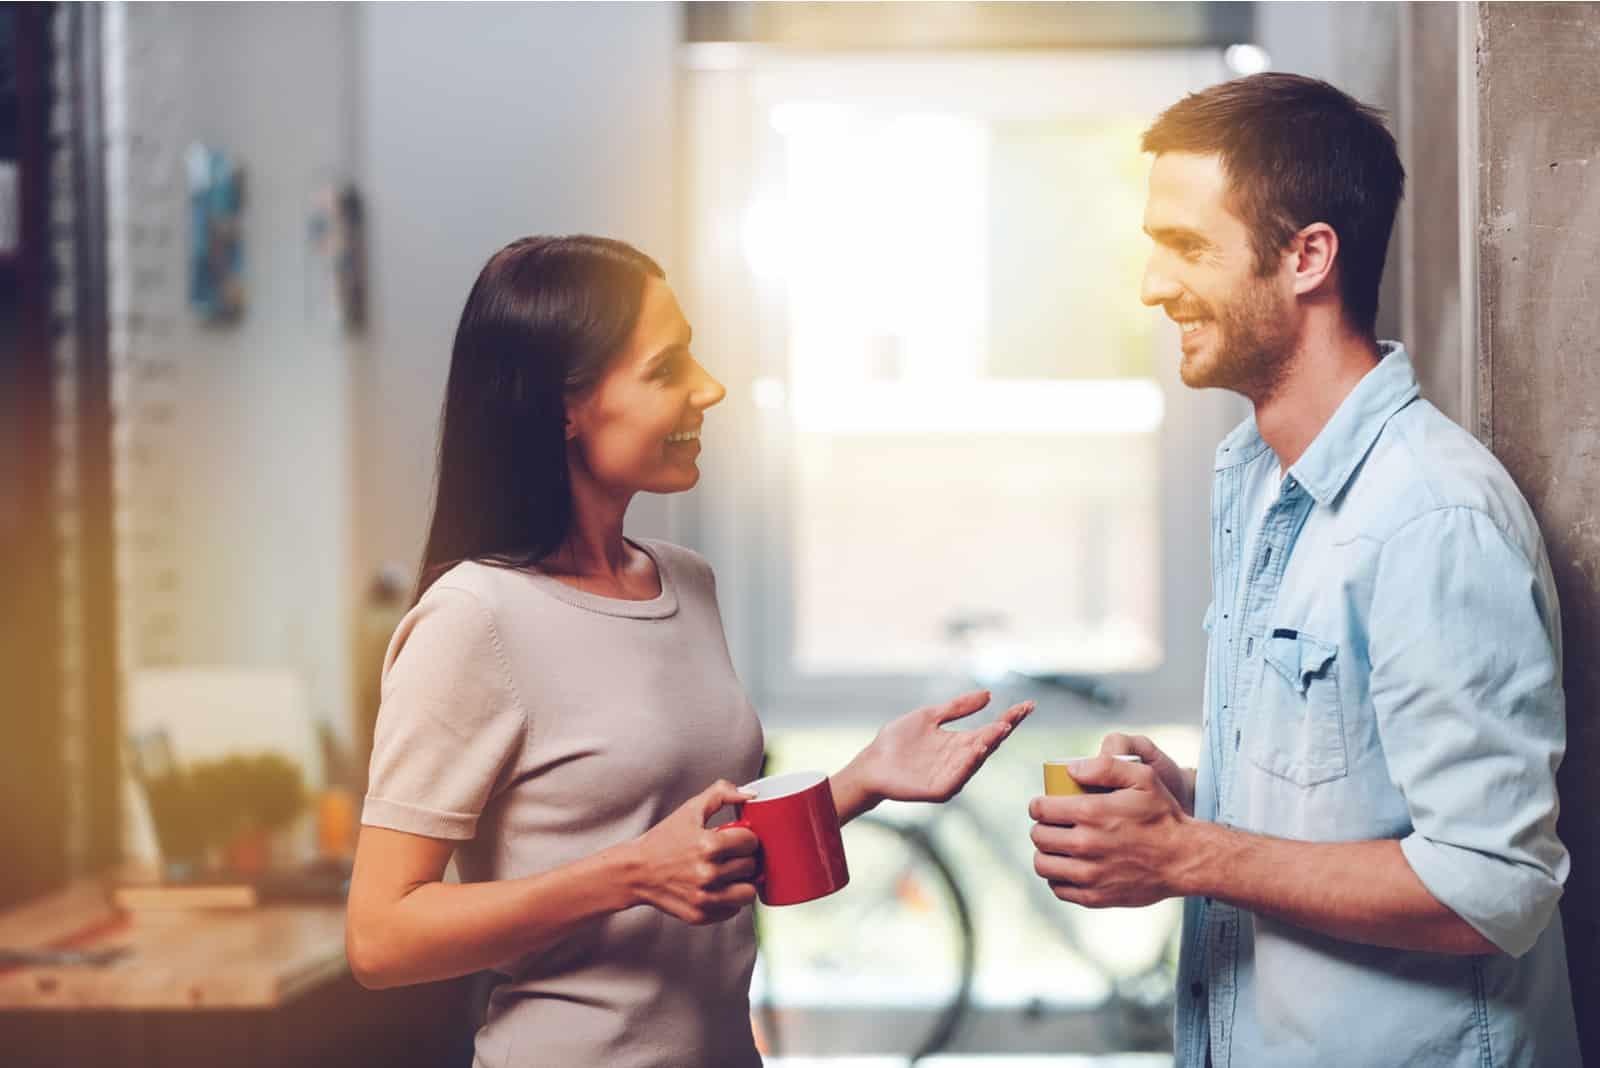 un homme et une femme debout tenant des tasses dans leurs mains et parlant